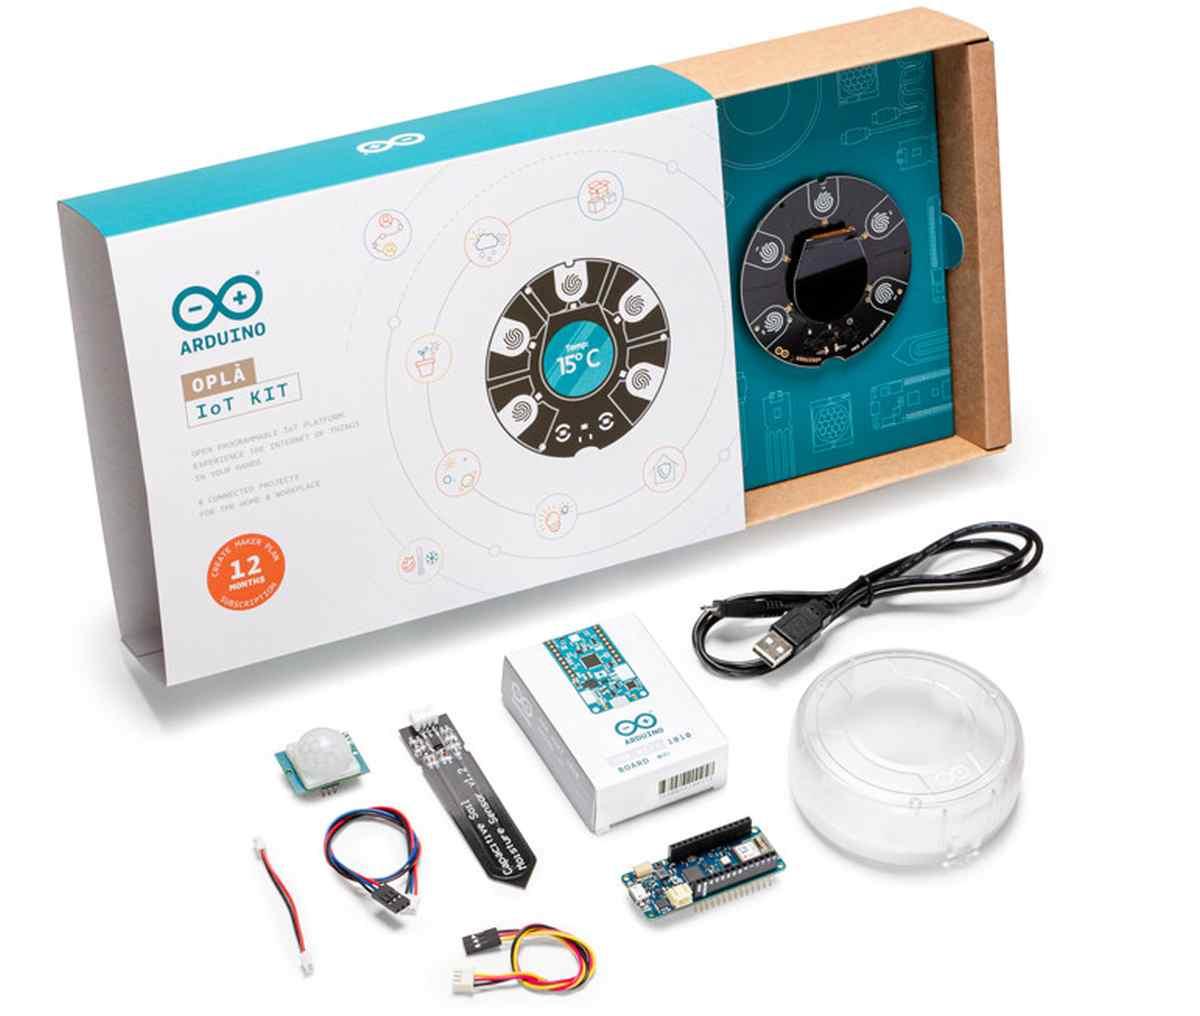 Arduino lanza su propio kit de creación de proyectos IoT personalizados